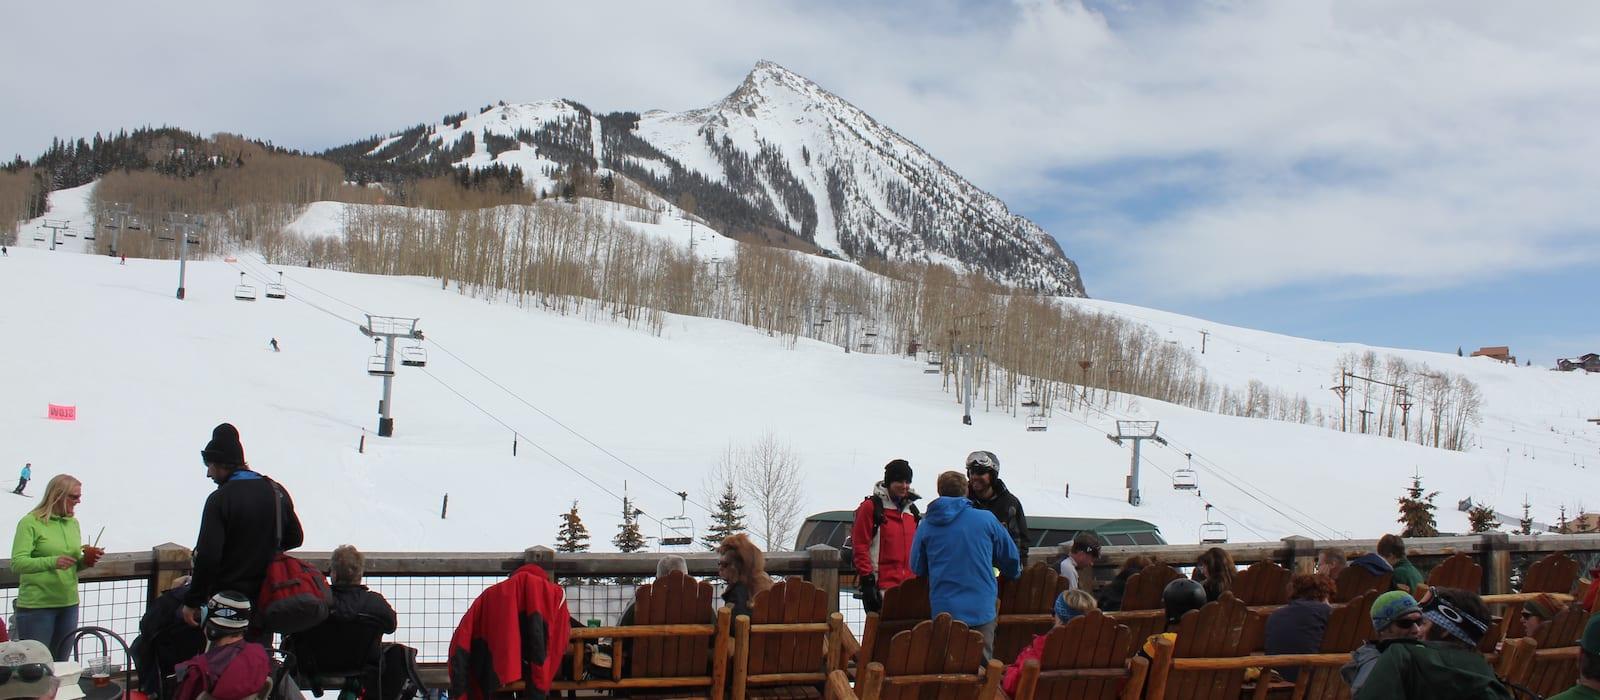 Crested Butte Ski Resort from Base Village